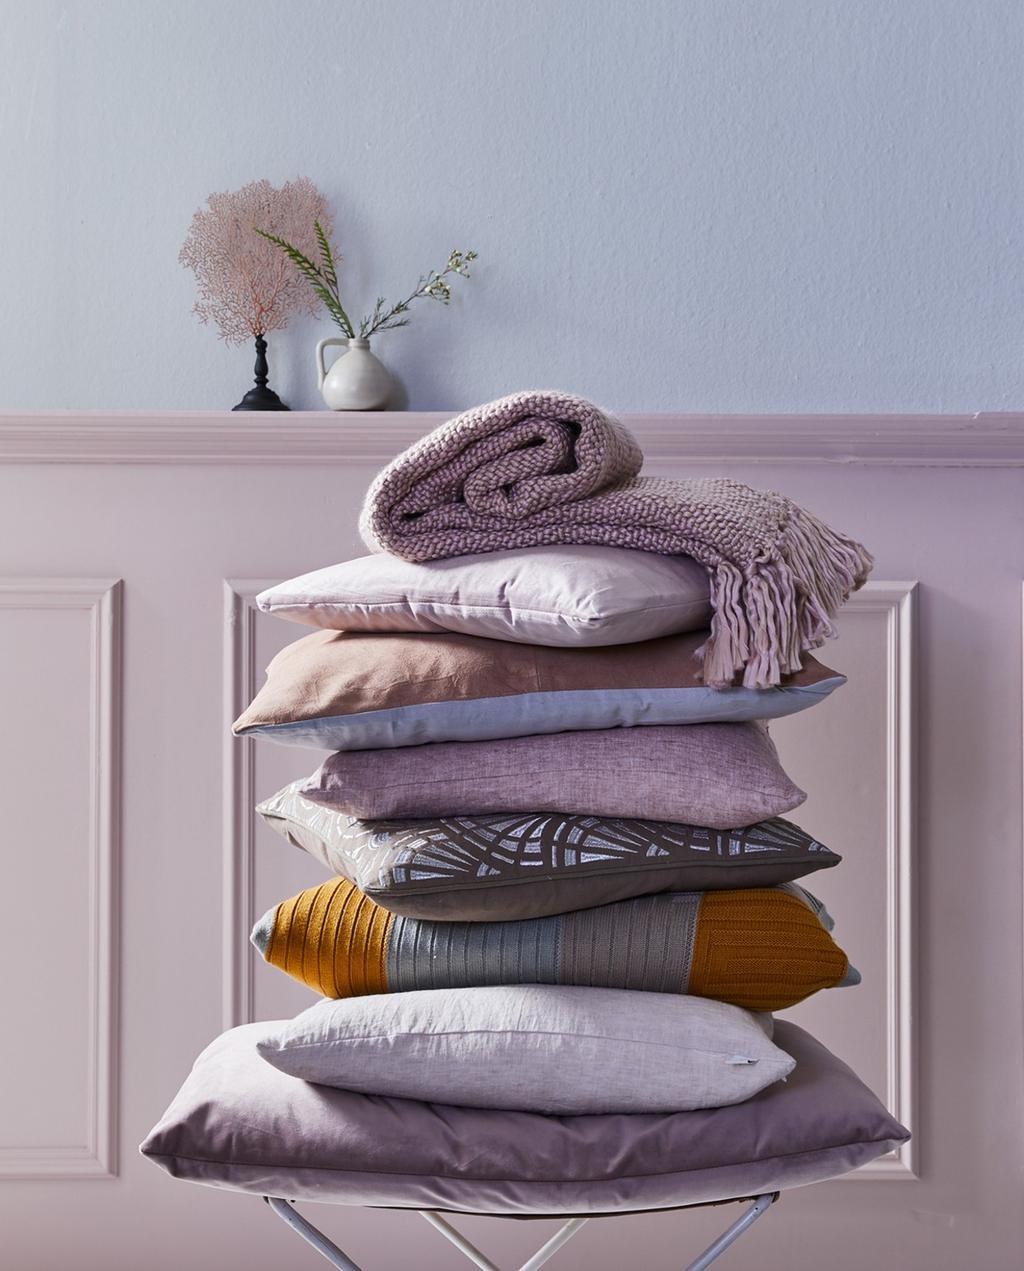 Stapel met roze kussens en knusse items in het vtwonen voorjaarshuis